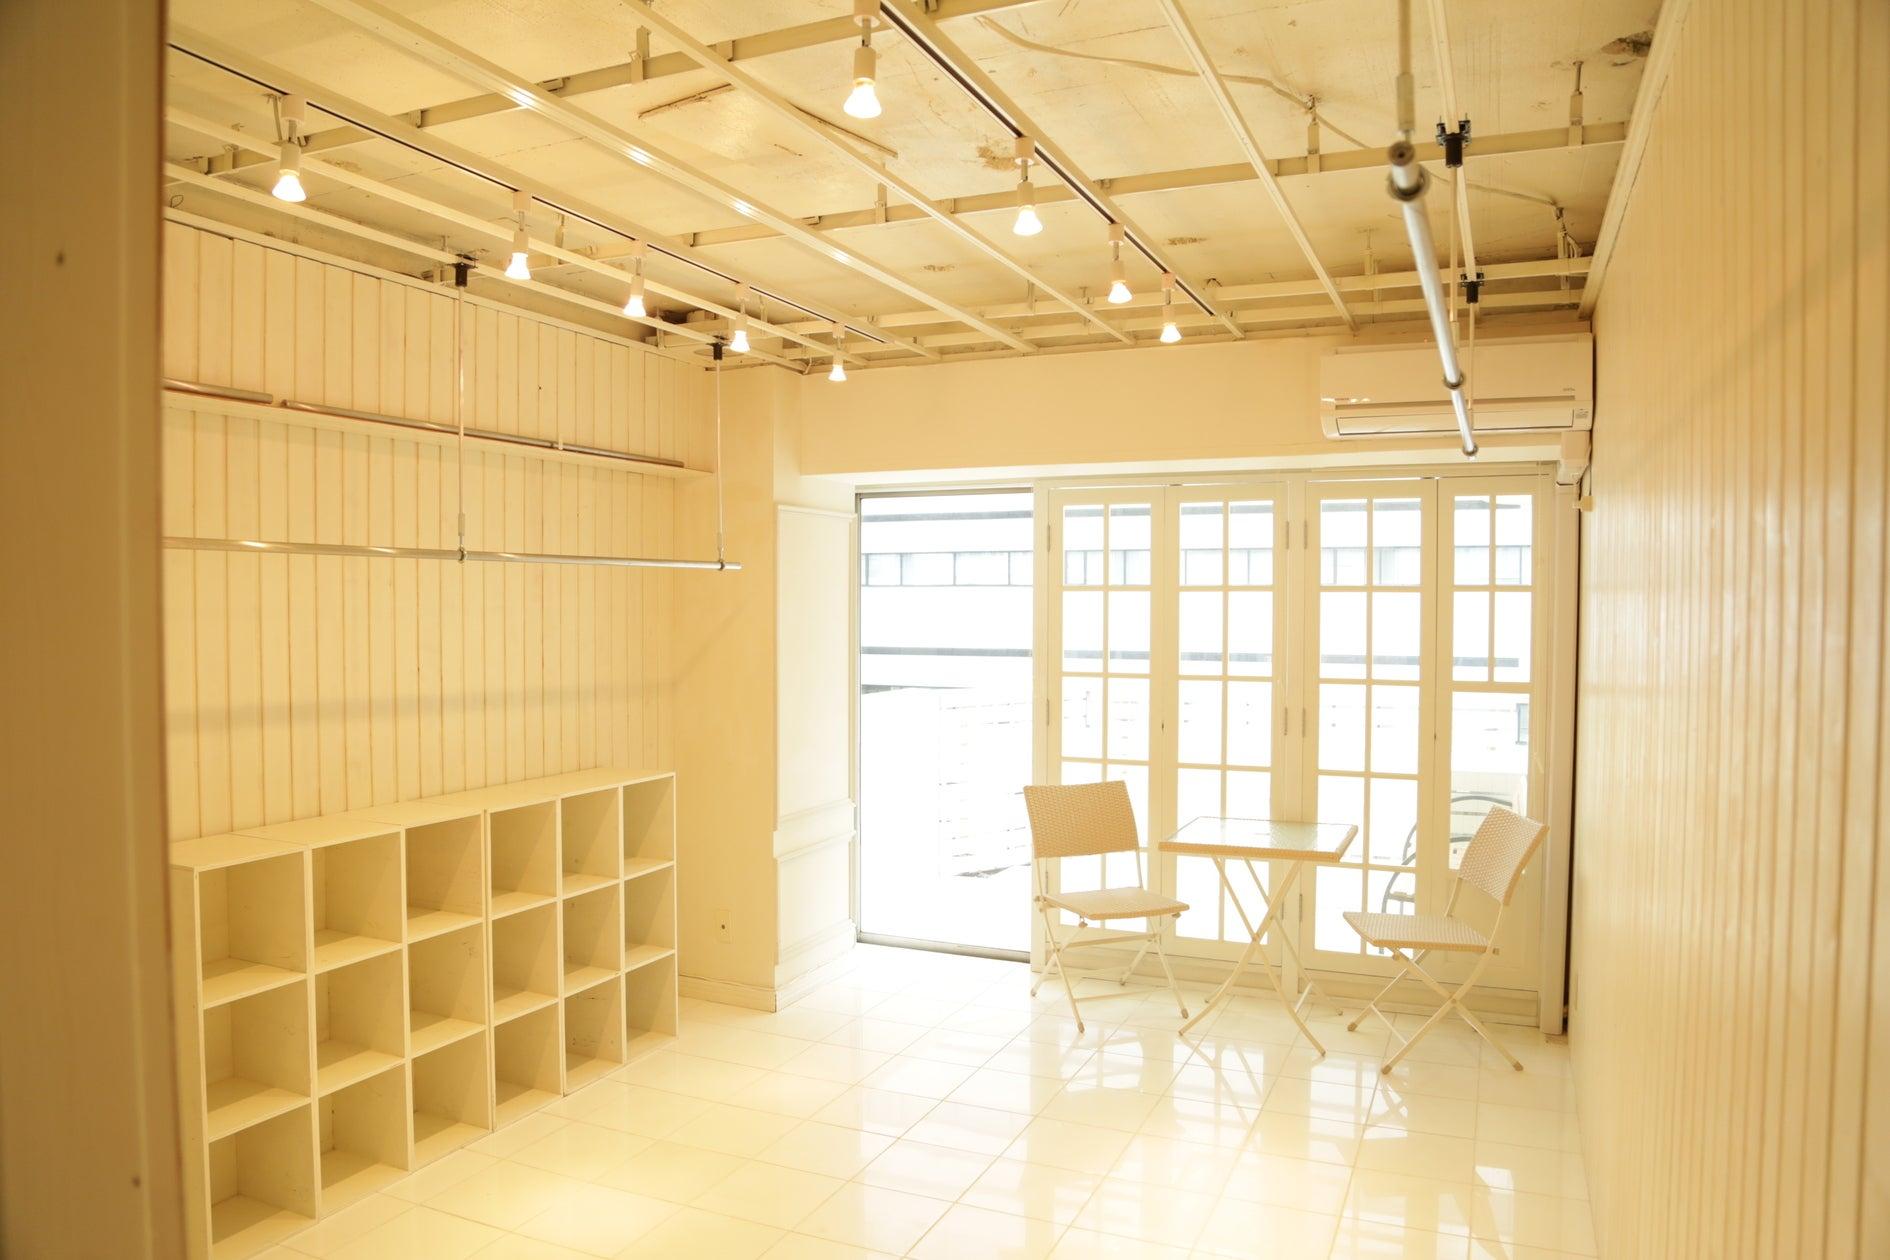 室内が白で統一され、様々な表現がしやすいレンタルスペースです。(青山展示室502  内が白で統一され、様々な表現がしやすいレンタルスペースです。) の写真0